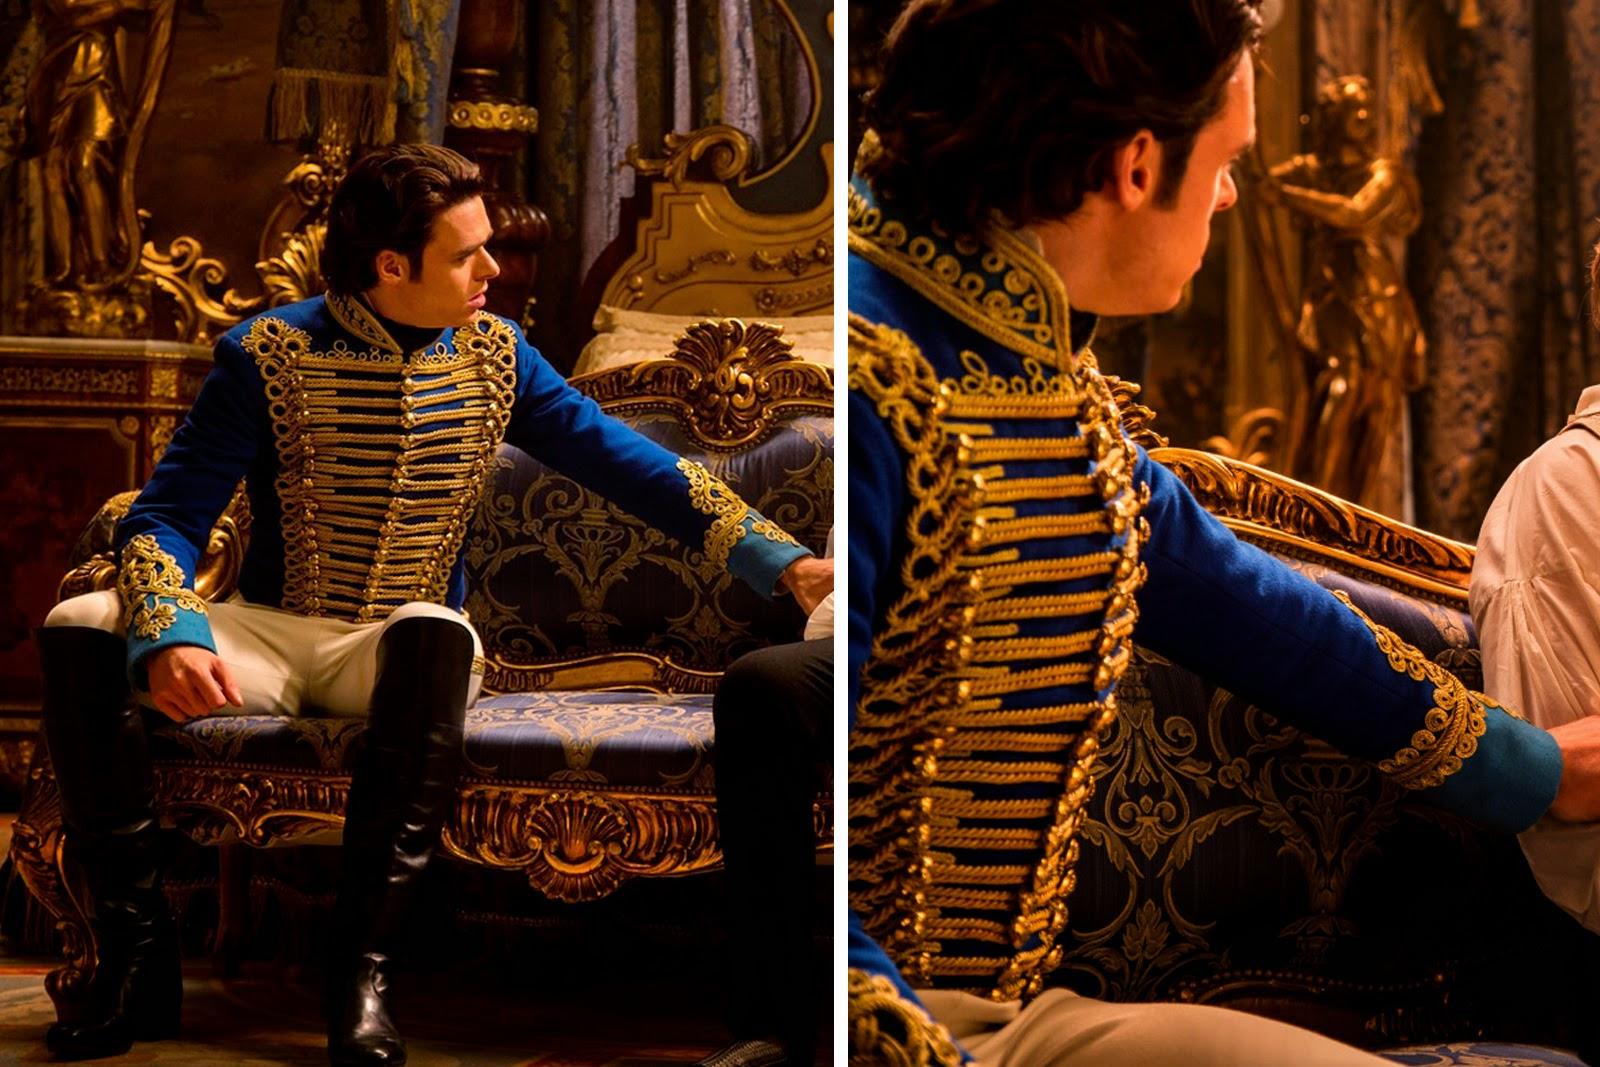 Principe Kit e pai conversando, figurino azul